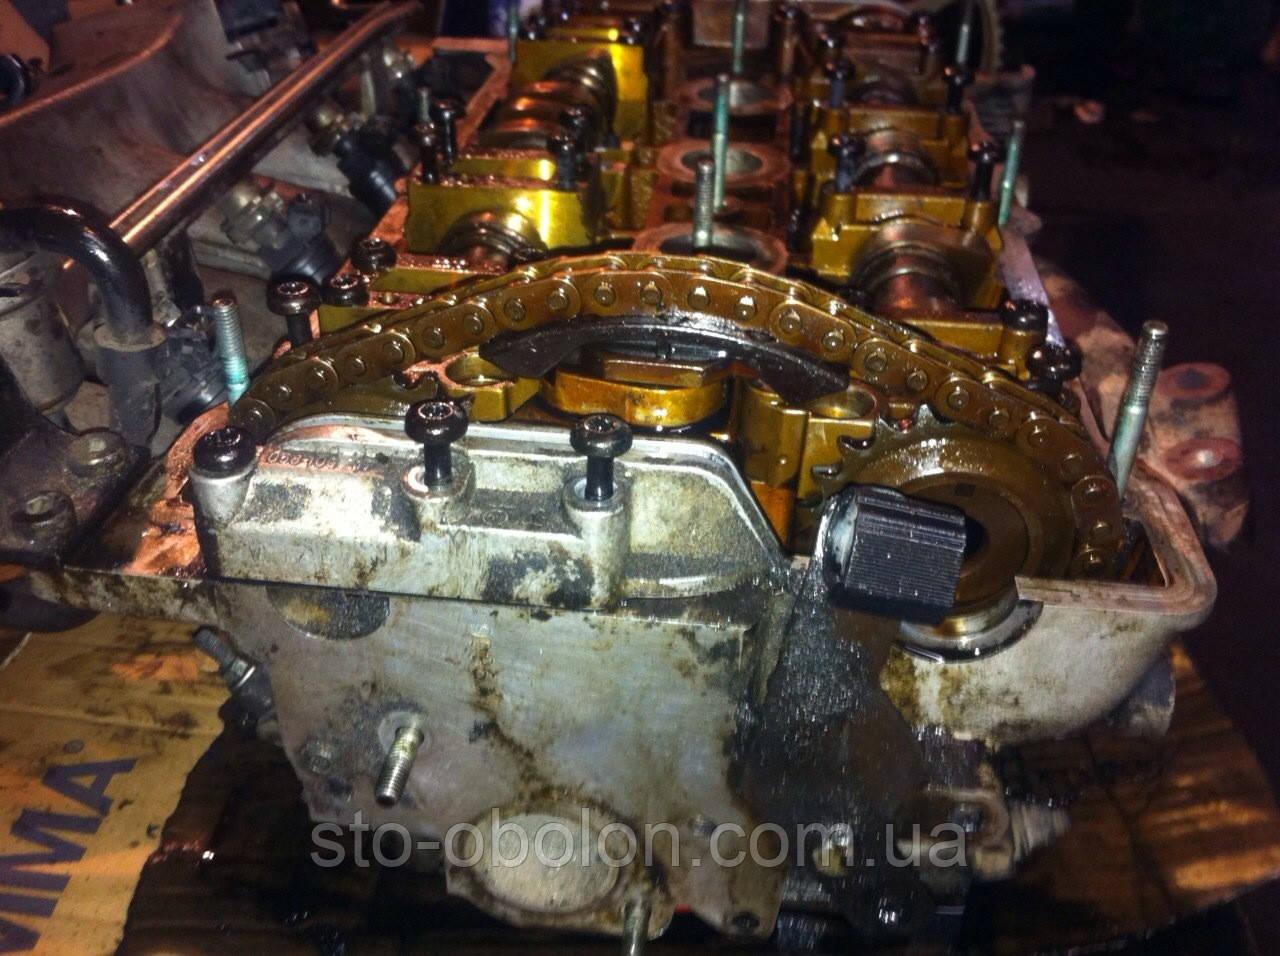 Ремонт двигателя шкода октавия 14 своими руками